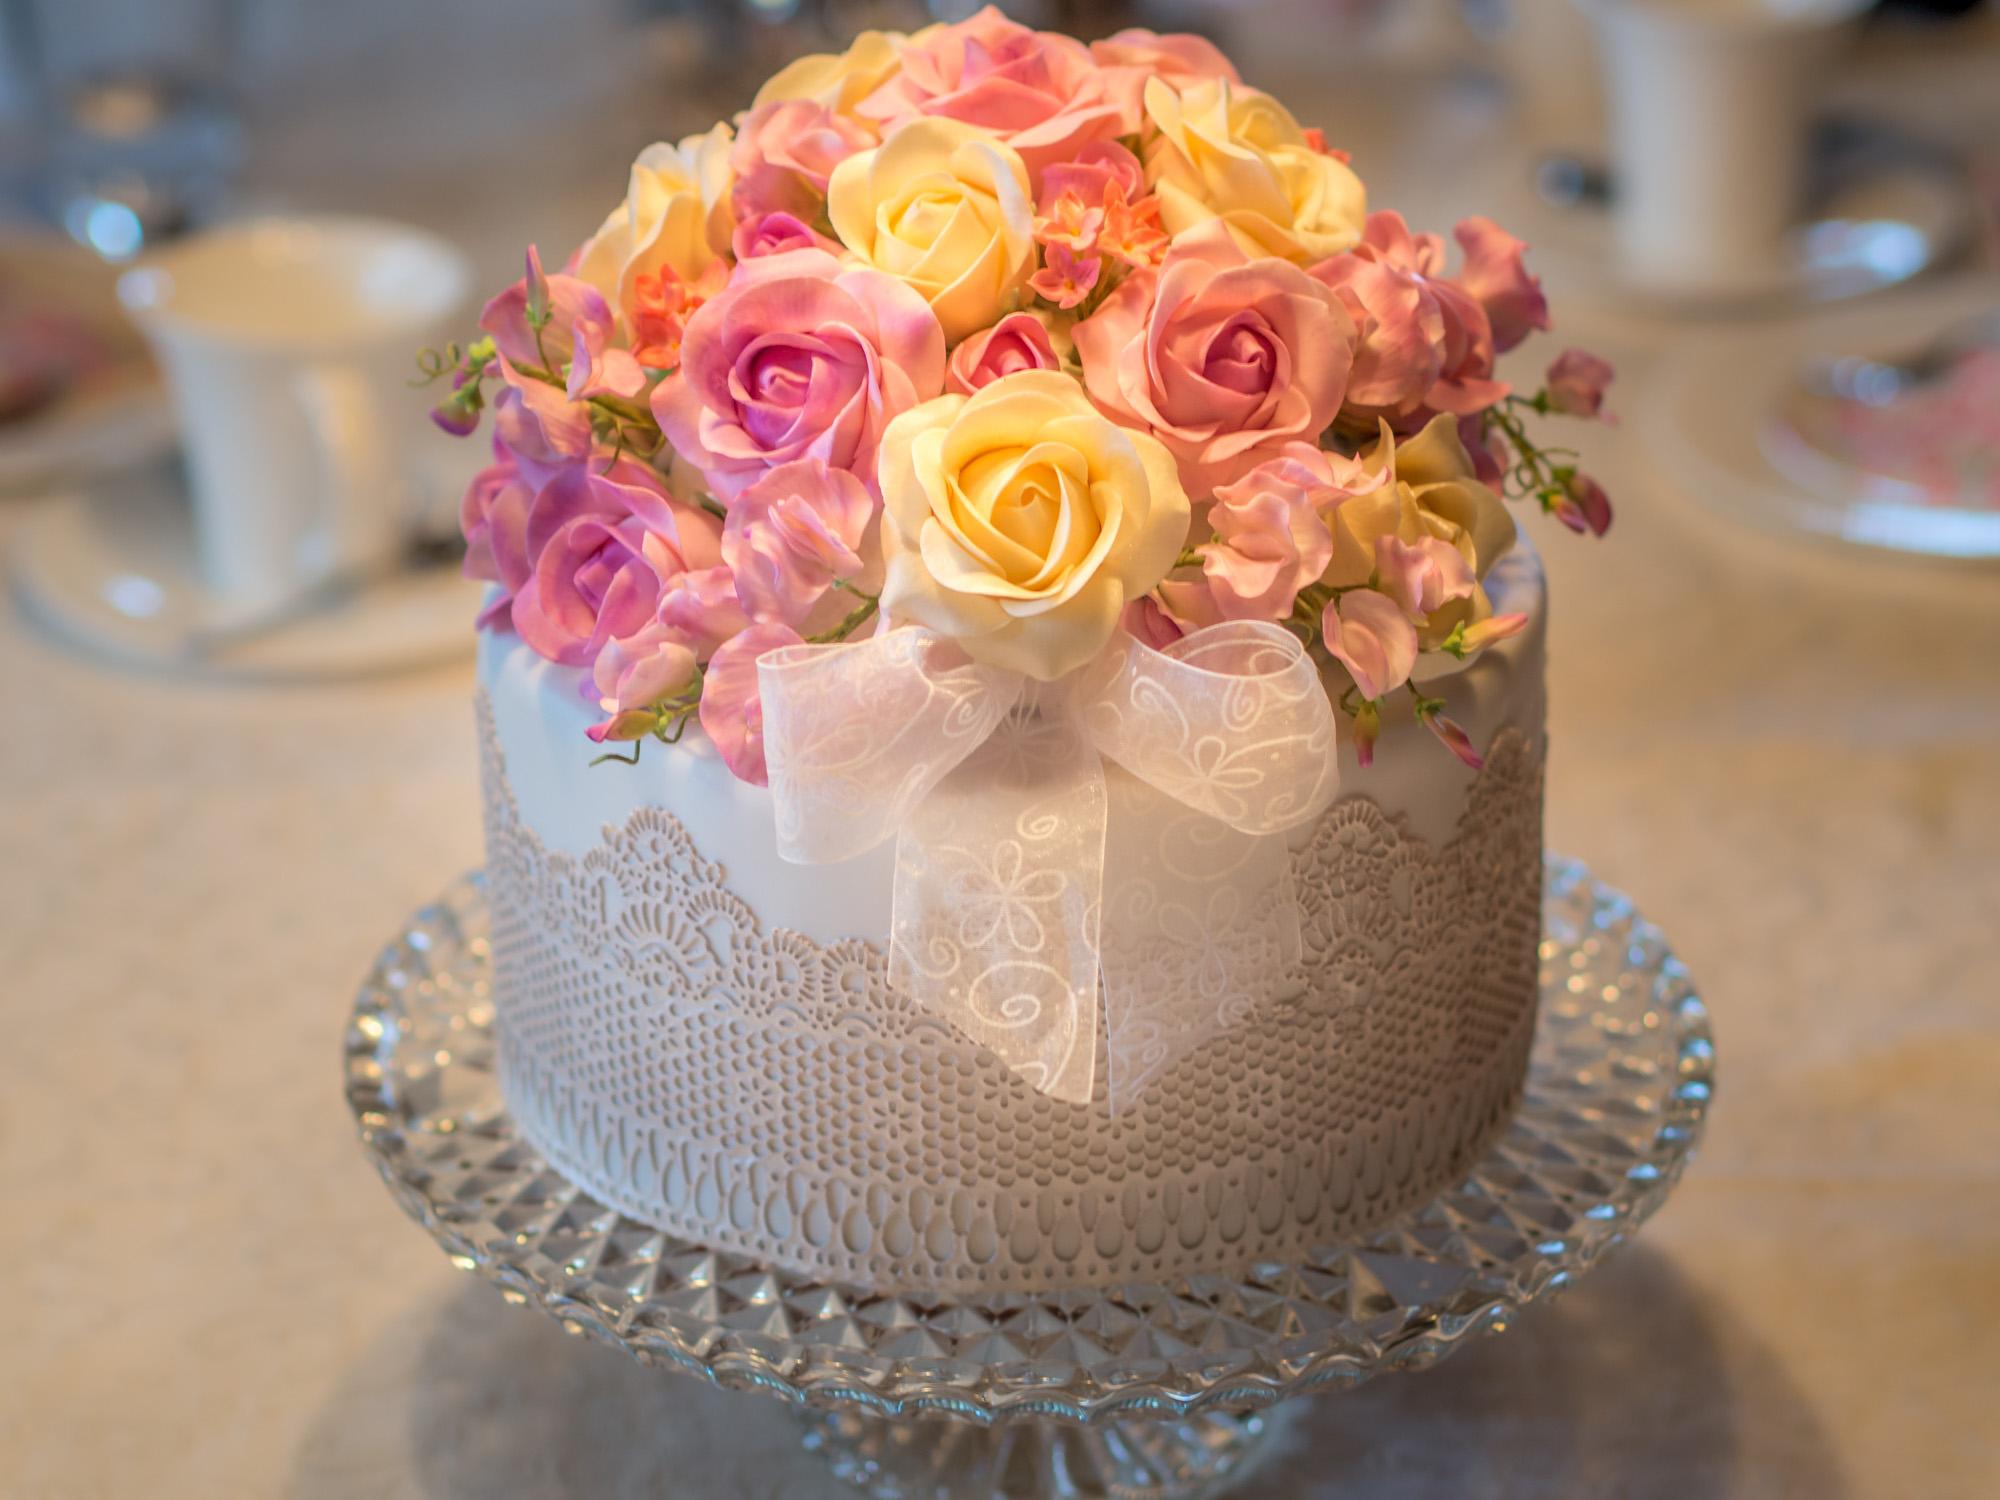 Hochzeitstorte Mit Rosen Zur Diamantenen Hochzeit